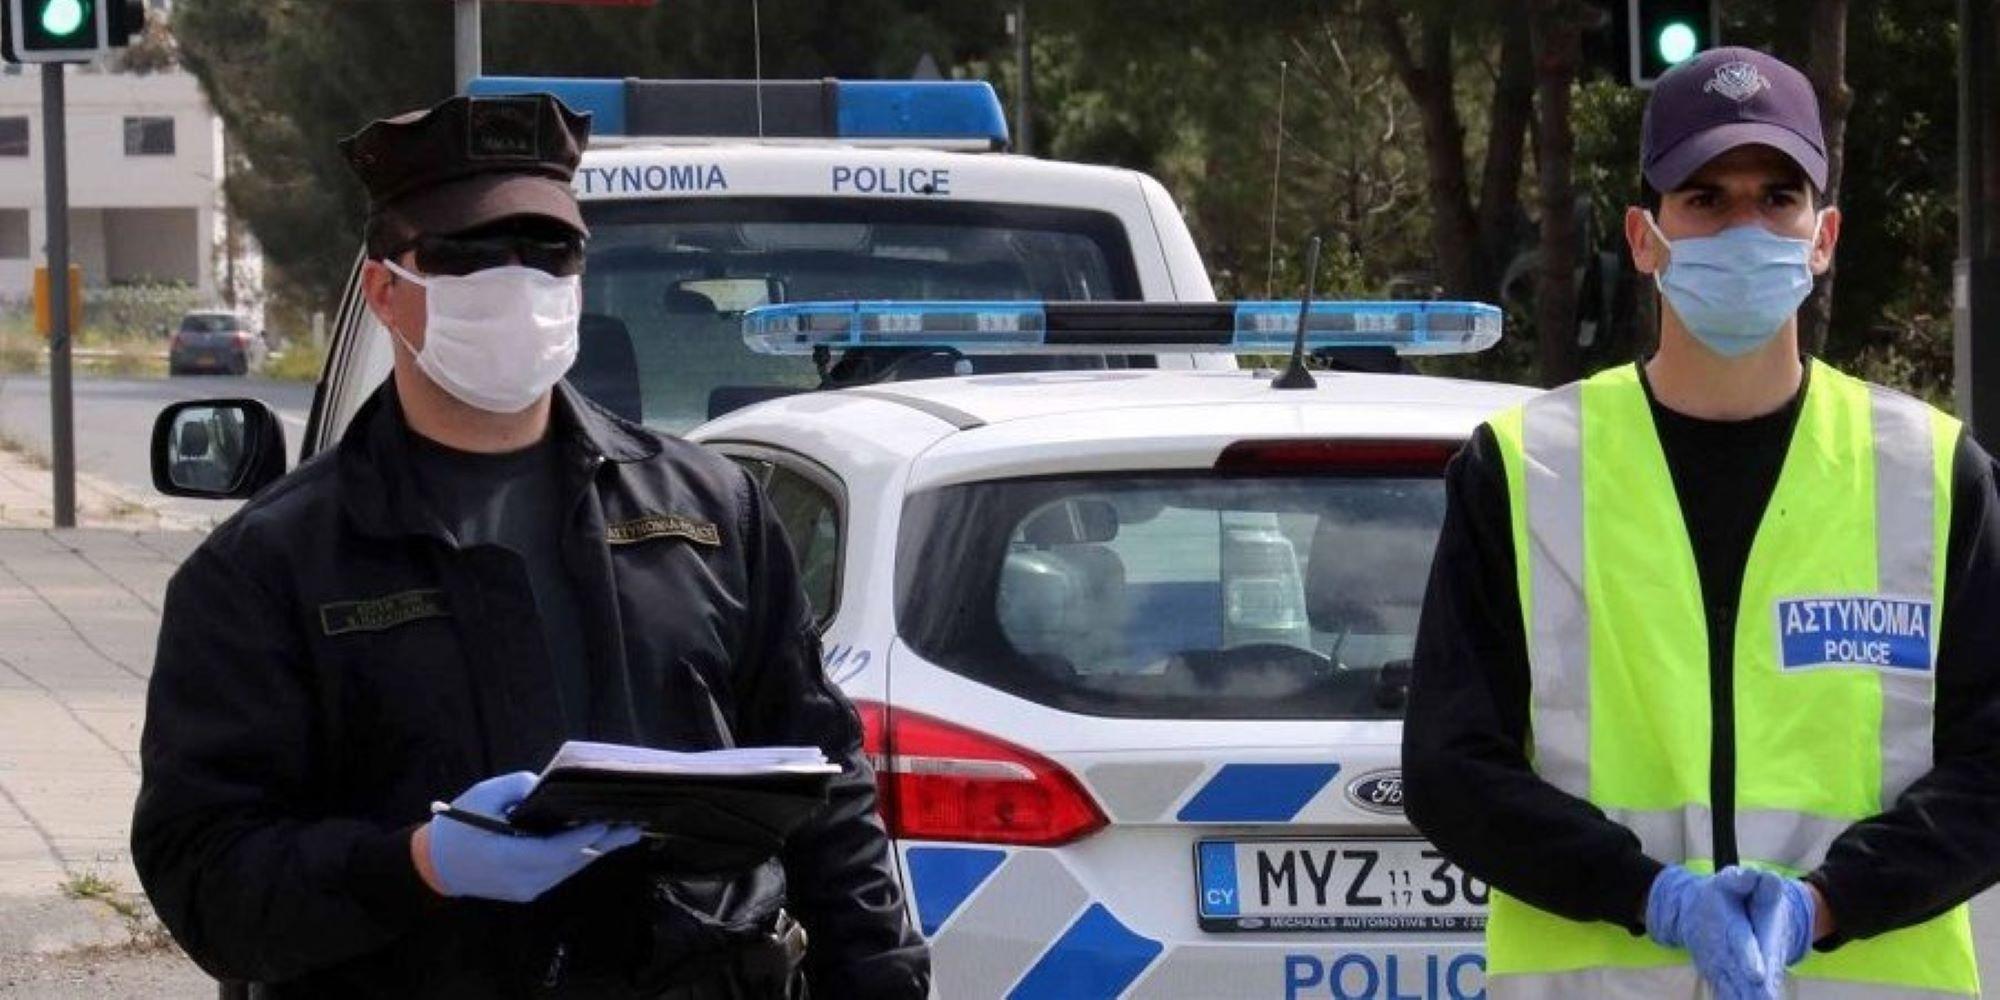 Καταγγέλθηκαν 151 πολίτες και 9 υποστατικά για παραβίαση των μέτρων Covid-19